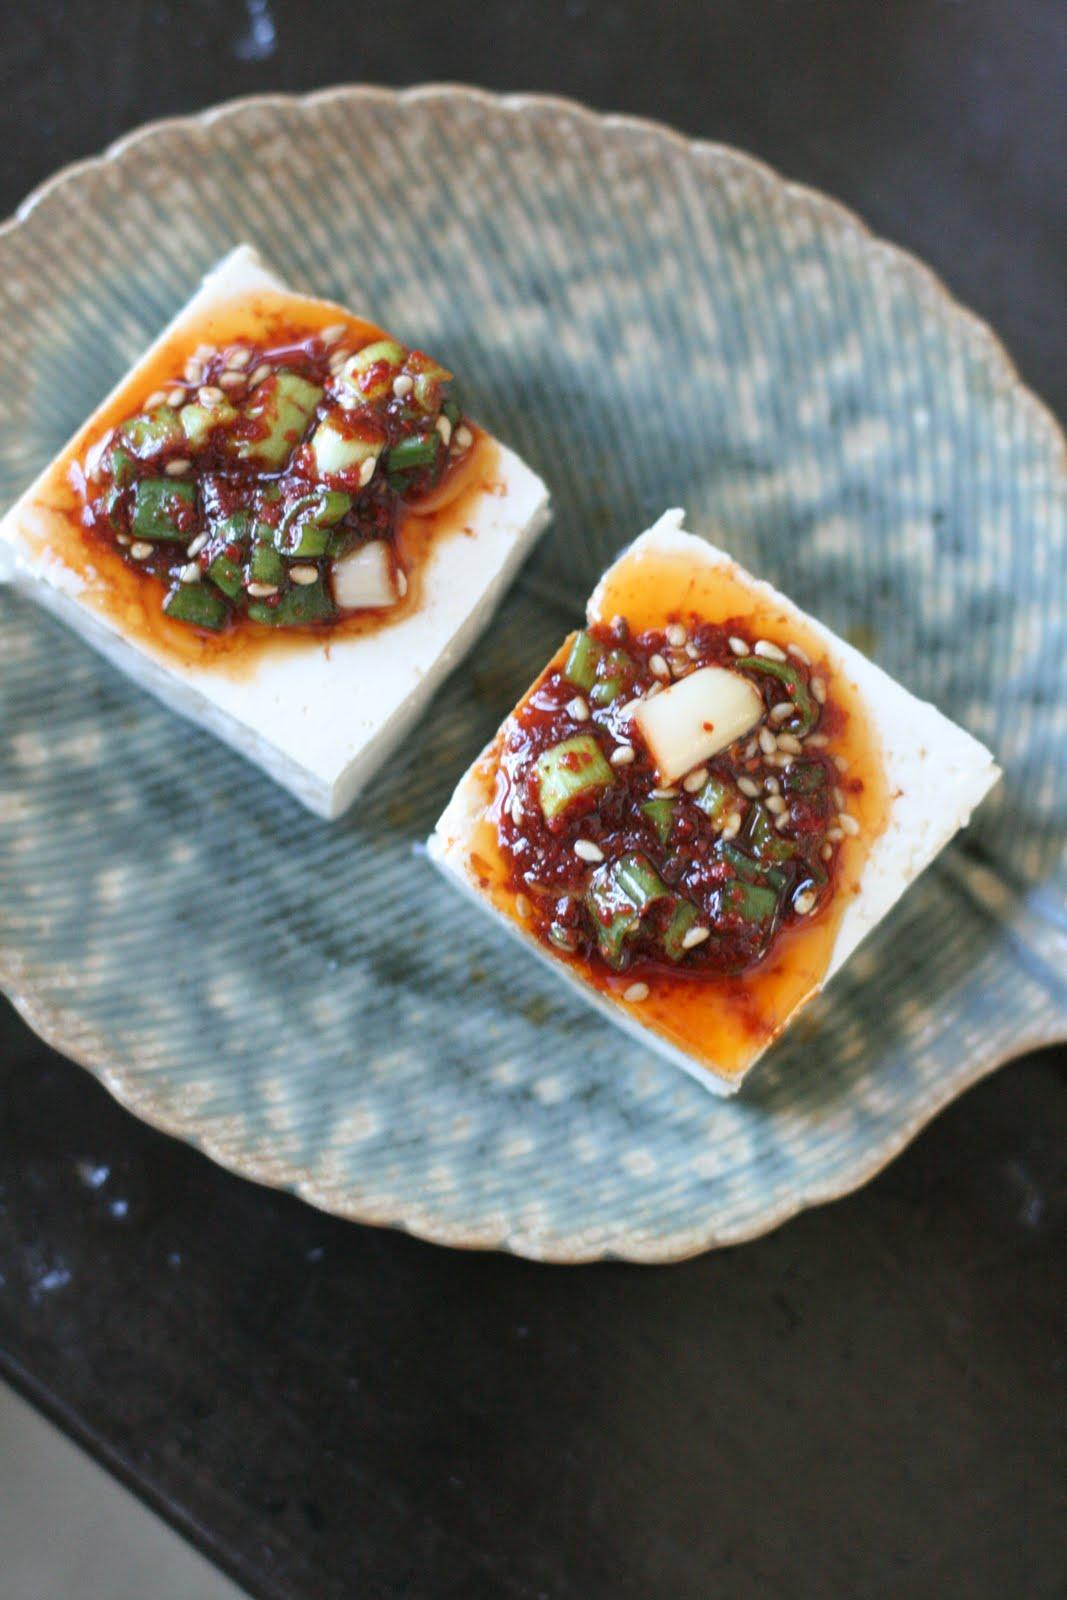 comment prepare ûr paella